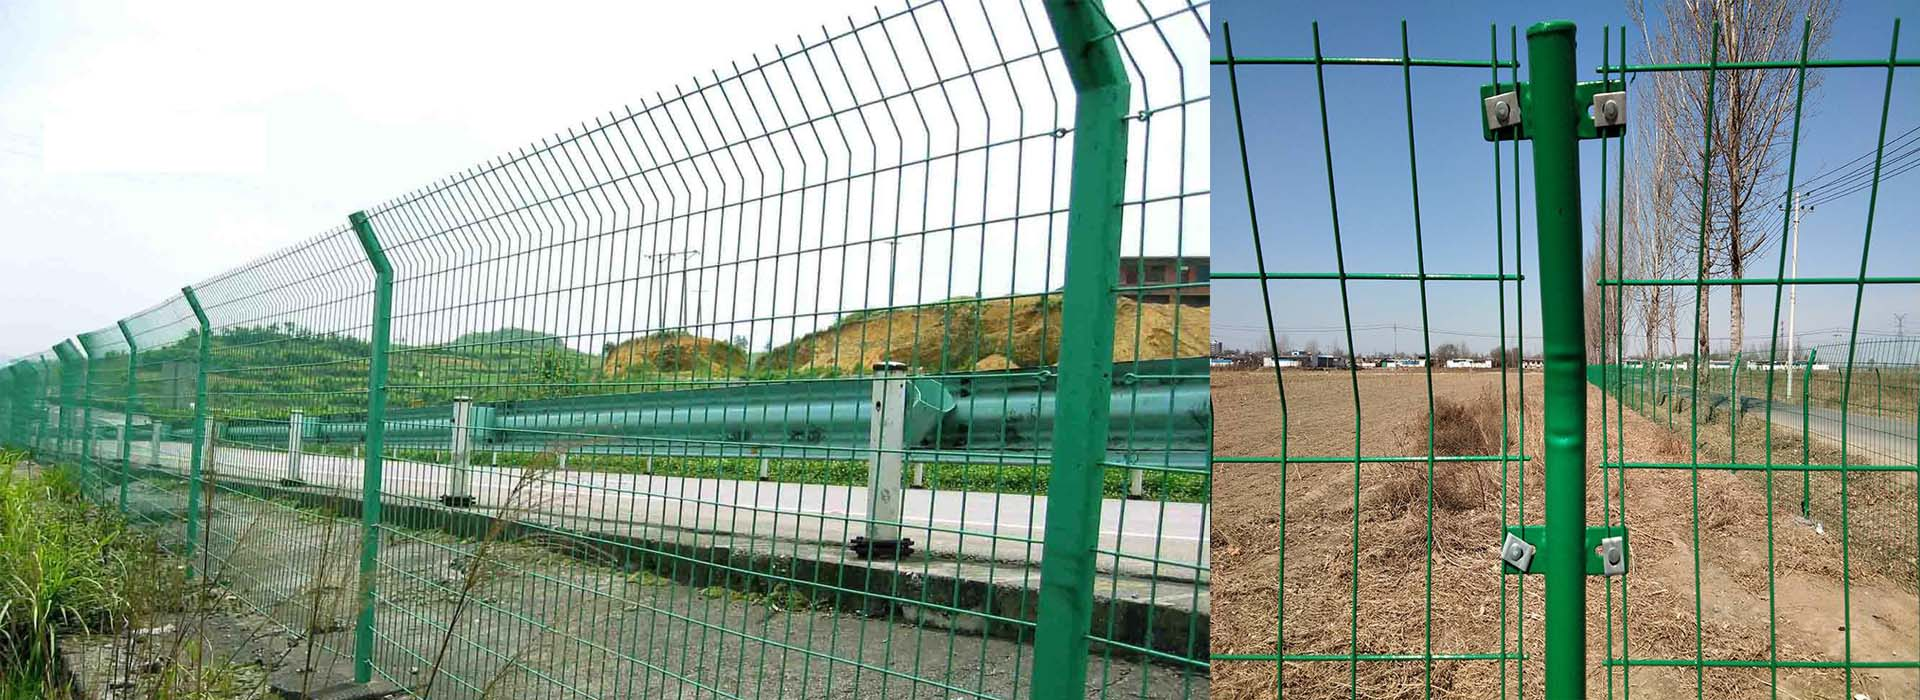 Jiangsu Zhongzhi Metal Products Co., Ltd.